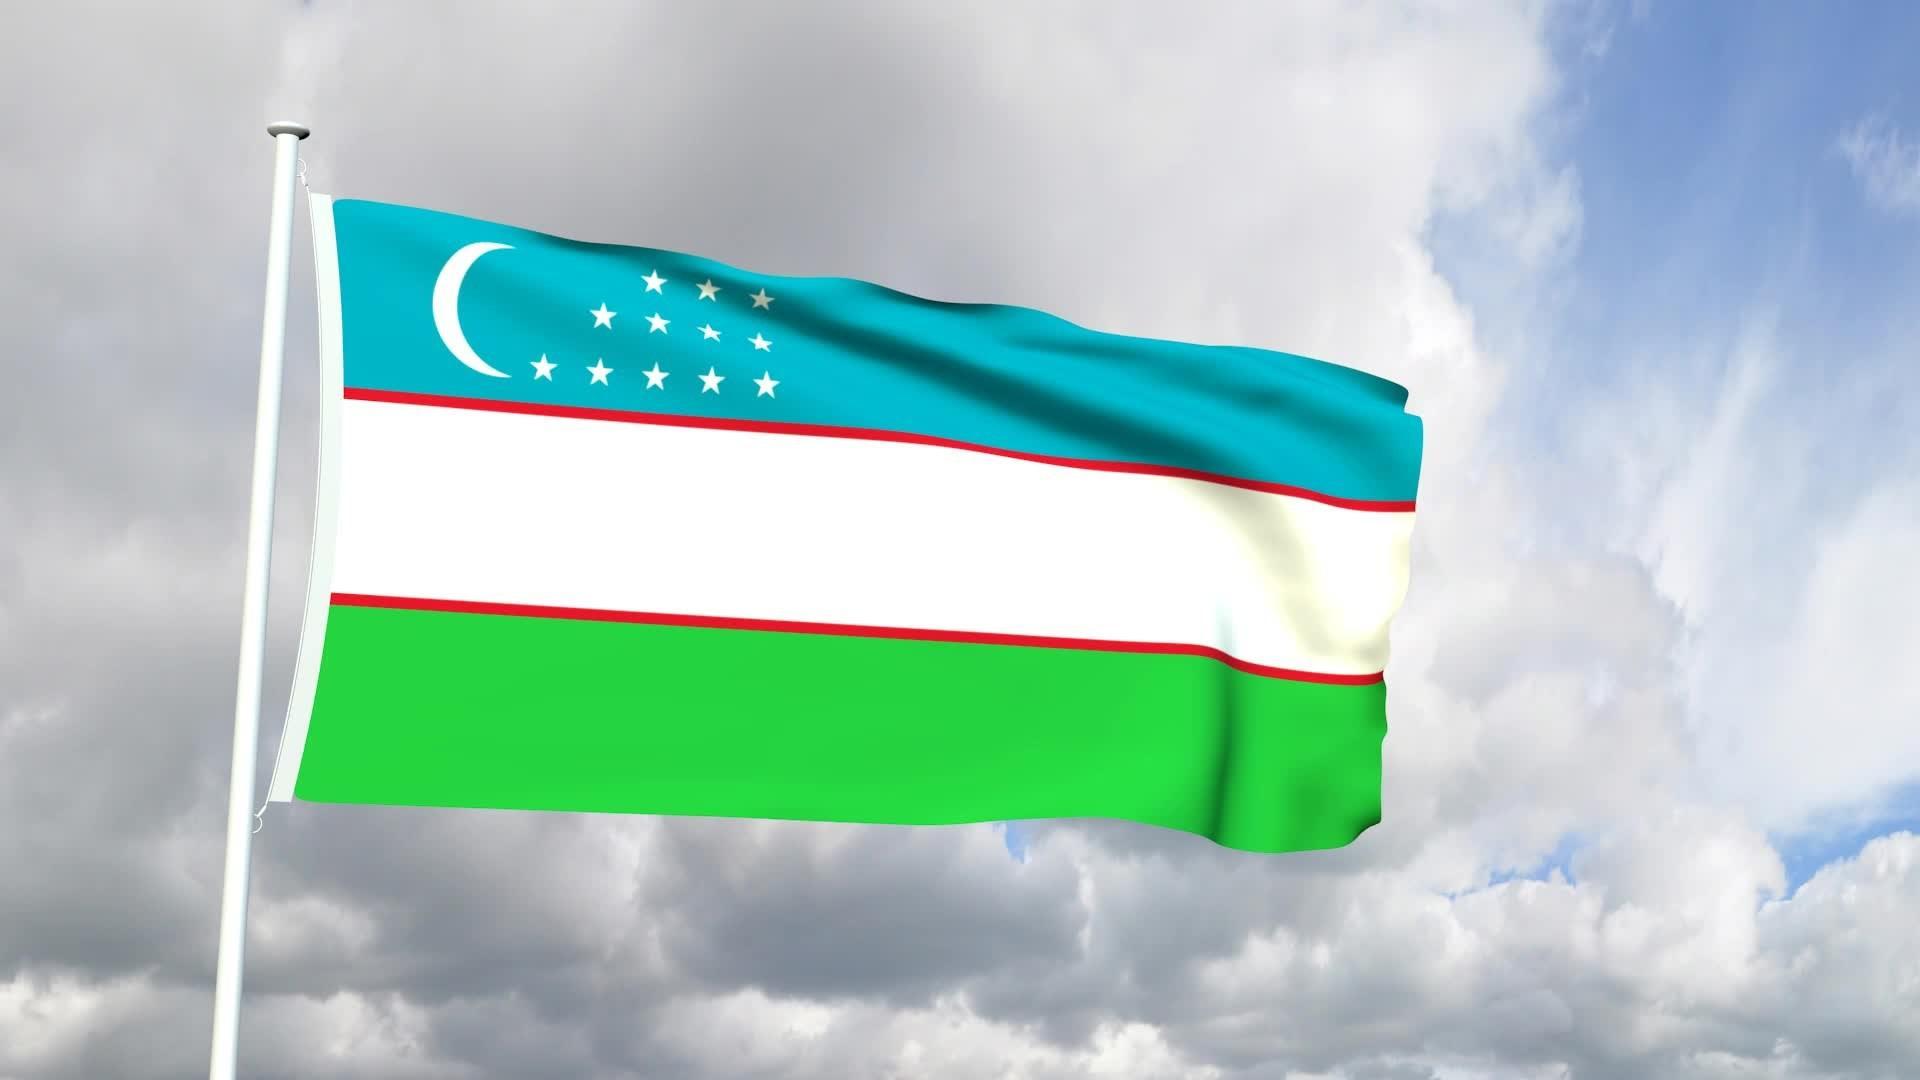 Узбекистан надеется на расширение торговых связей с Азербайджаном